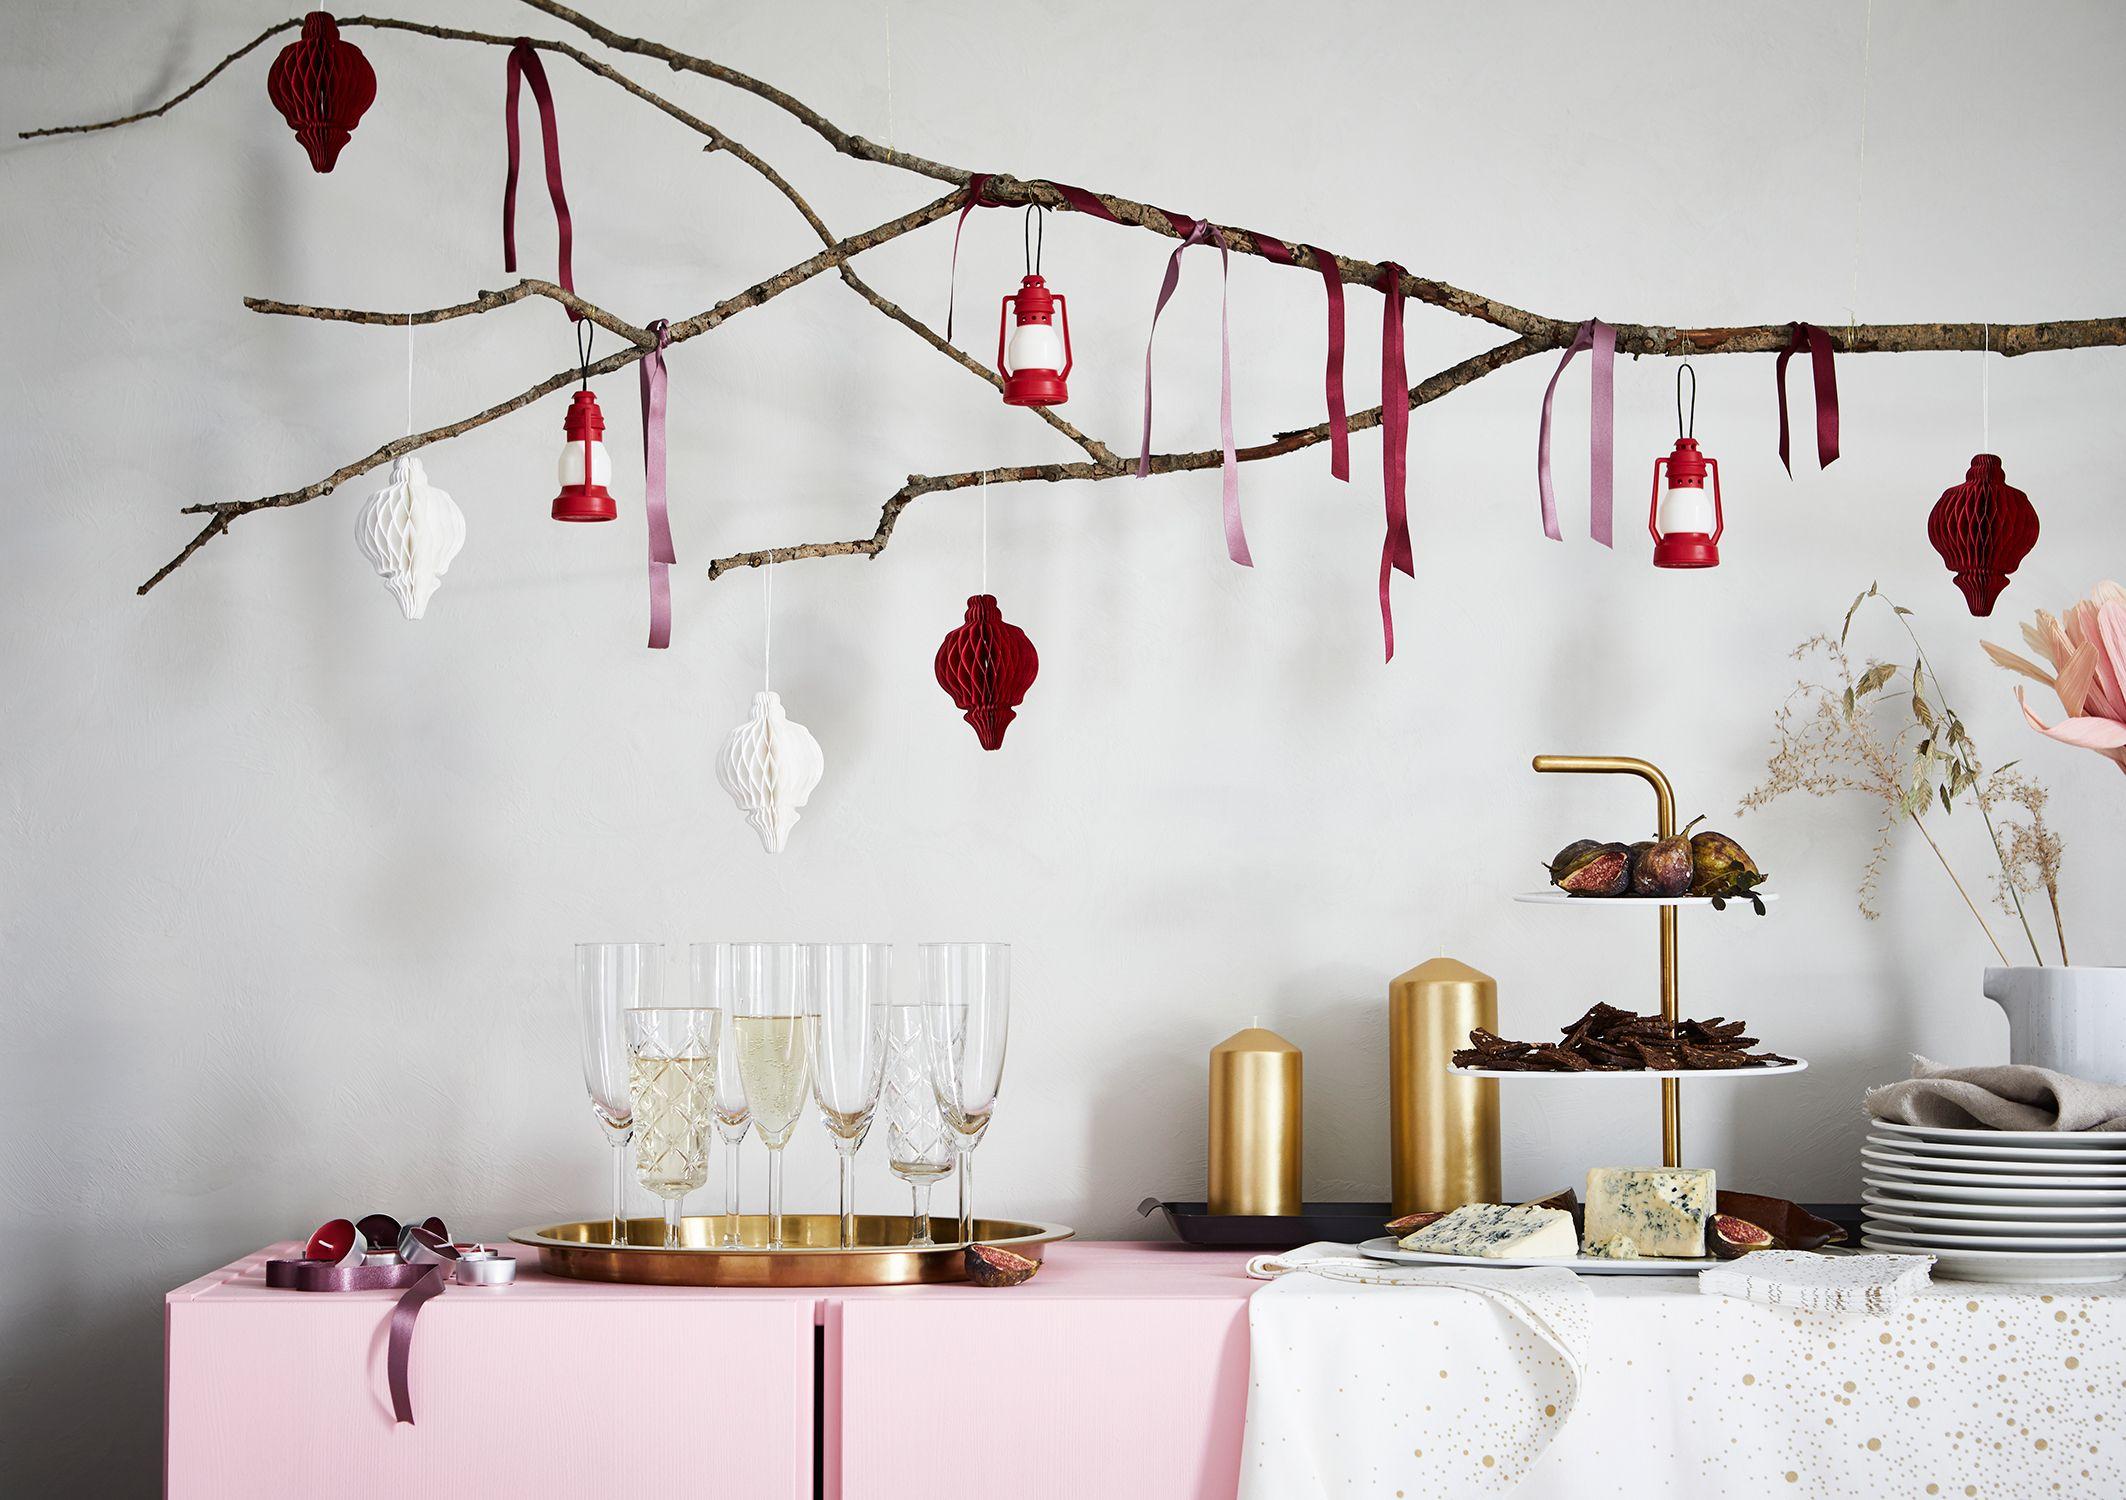 de decorar tendencias para Navidad Las esta Ikea 1uJcTFlK3